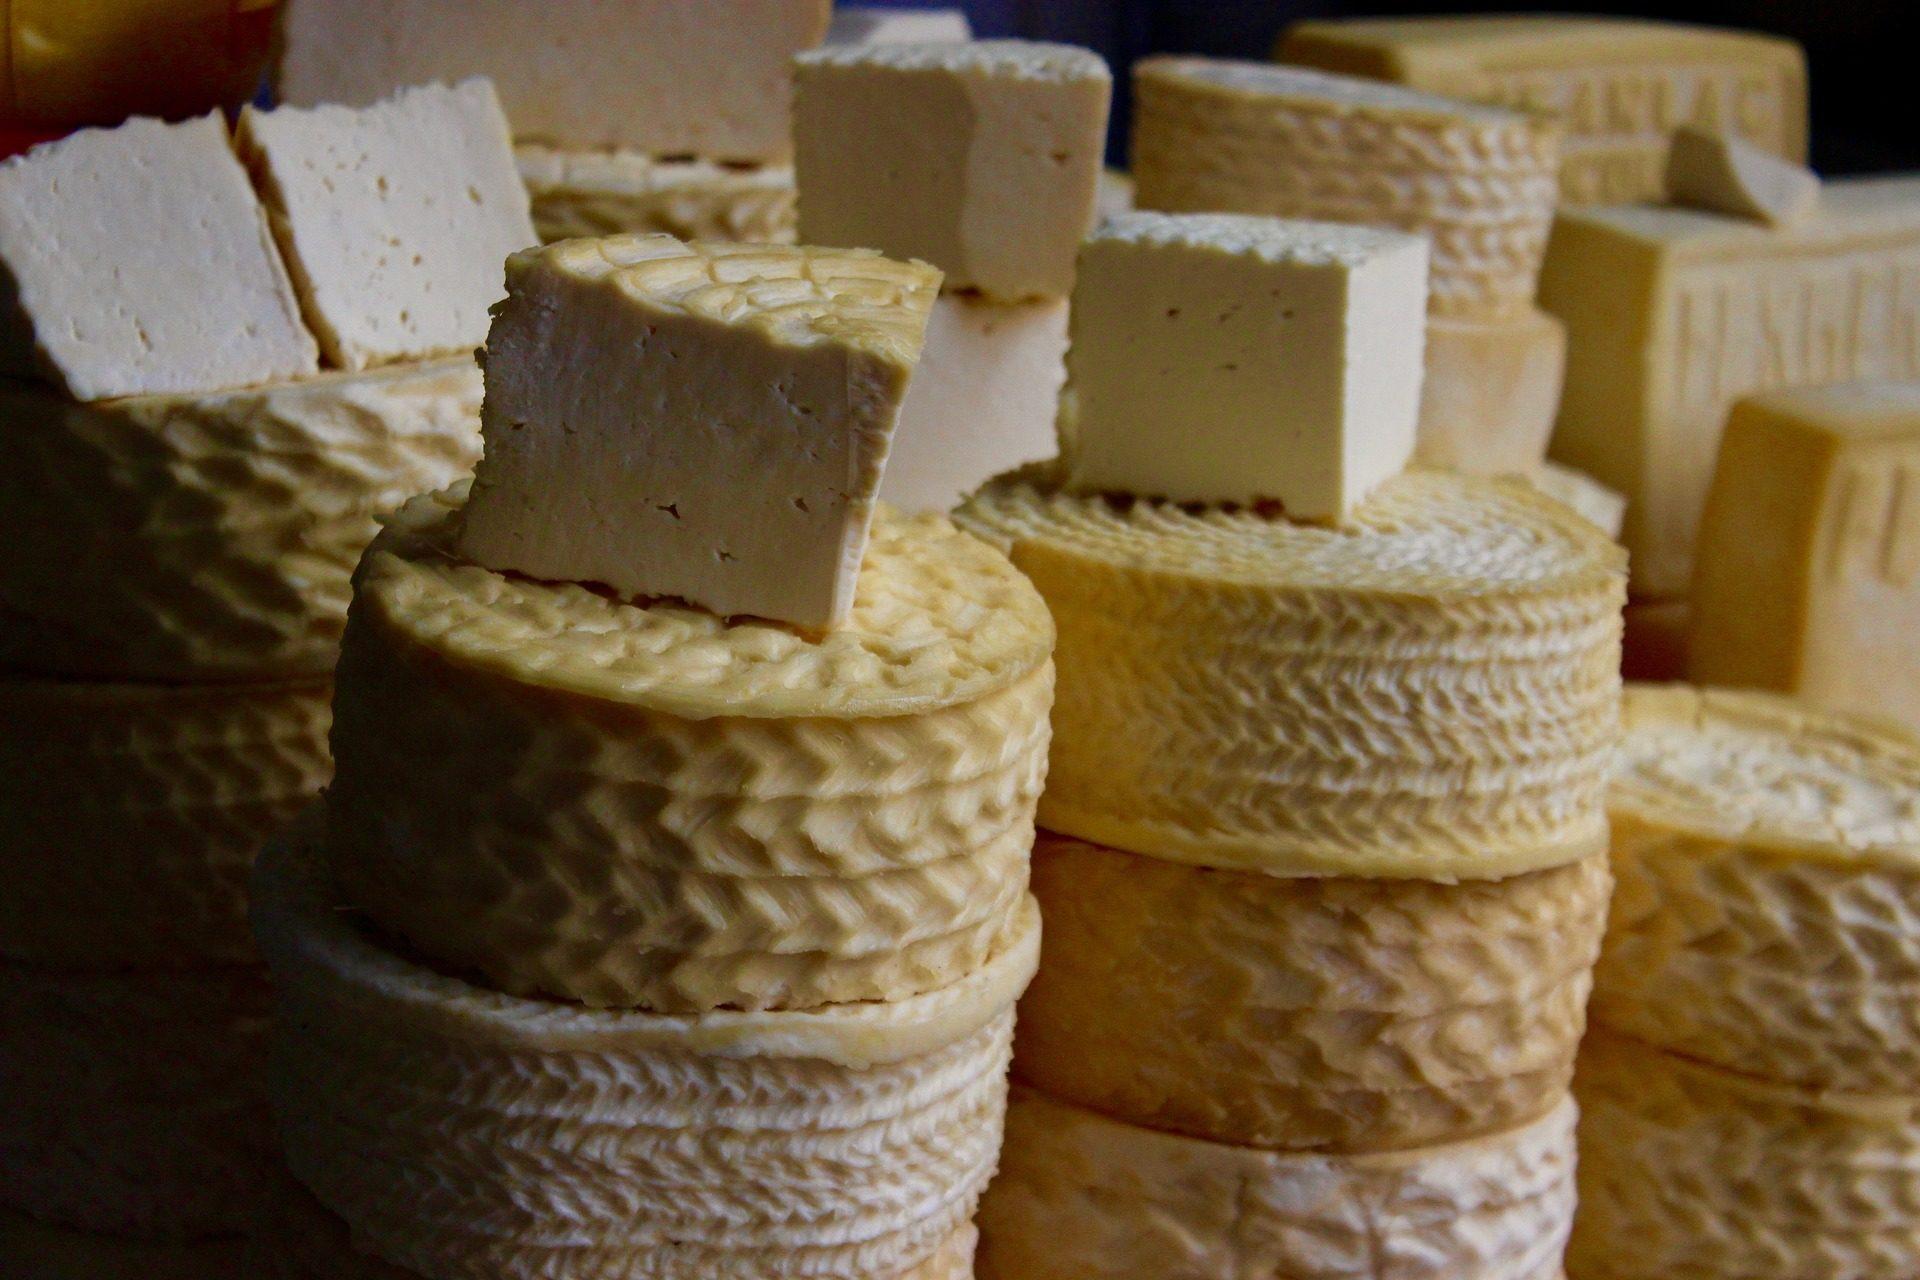 奶酪, 工艺品, 发酵, payoyos, 治疗 - 高清壁纸 - 教授-falken.com